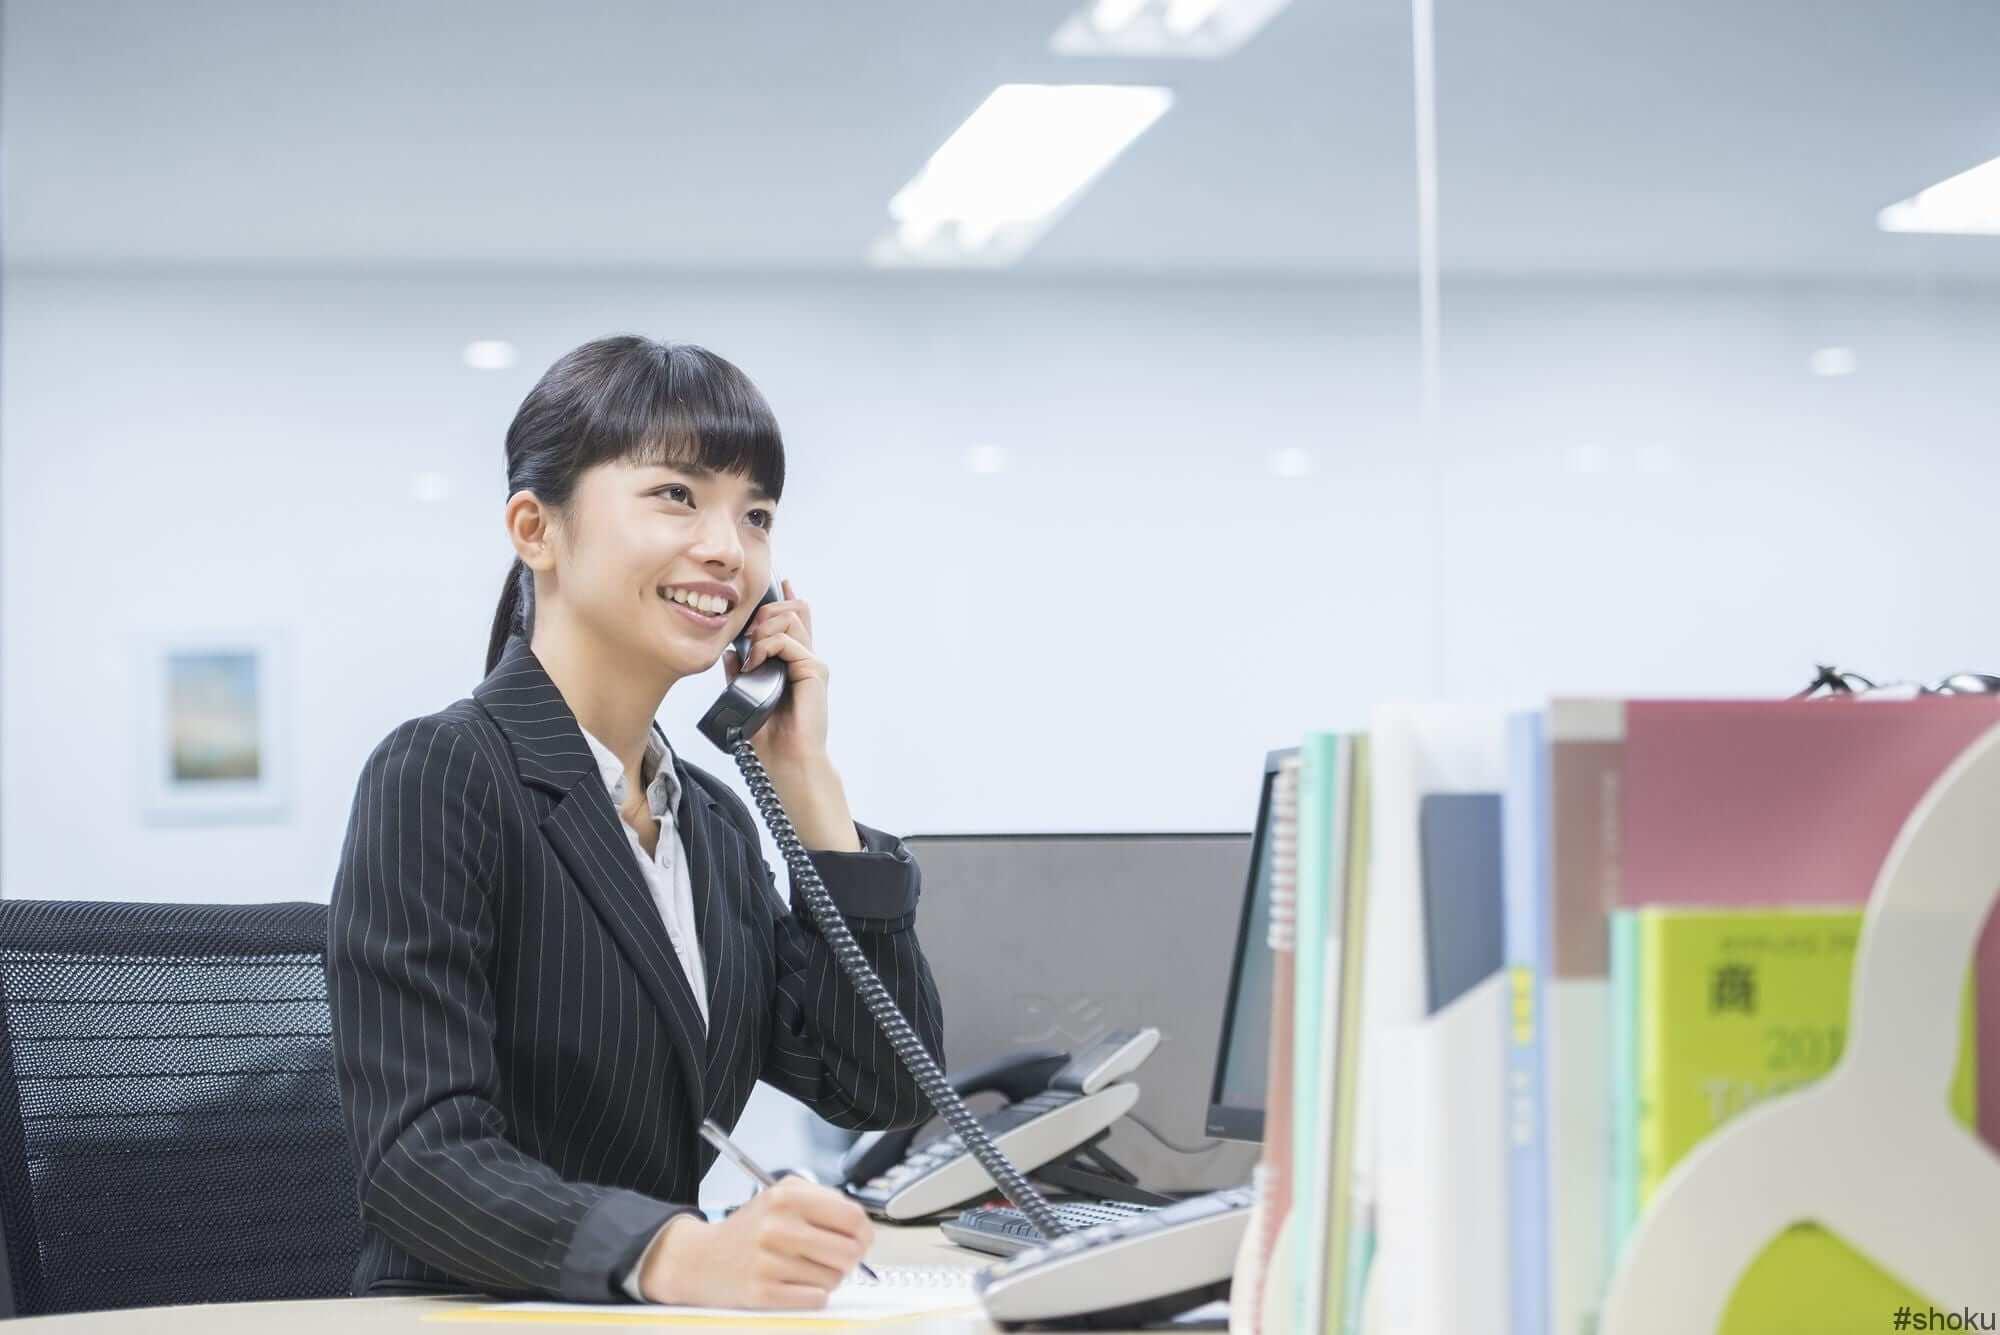 良い印象を持たれる電話応対をする女性